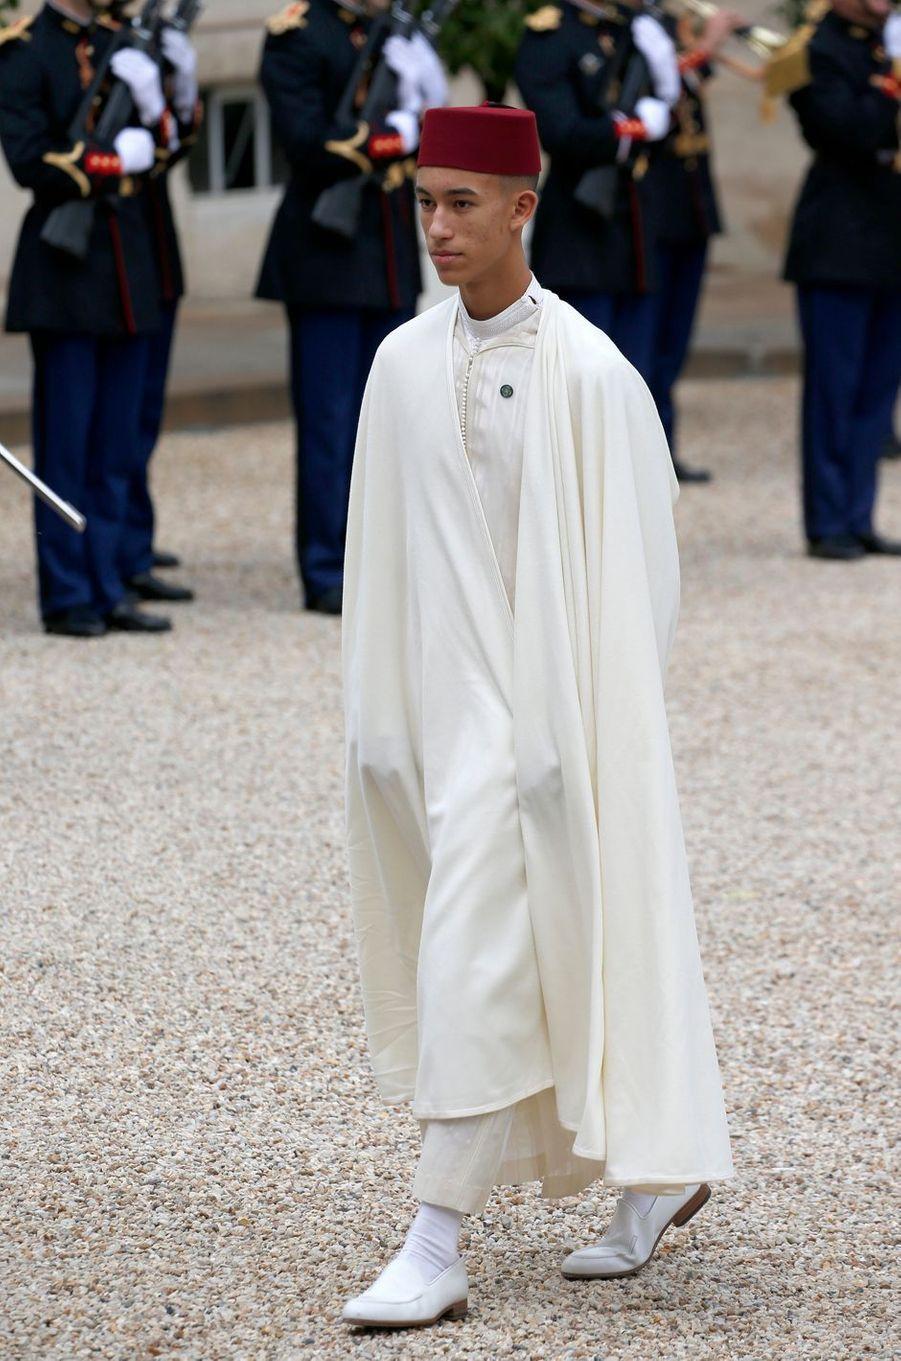 Le prince Moulay El Hassan du Maroc dans la cour du Palais de l'Elysée à Paris, le 30 septembre 2019